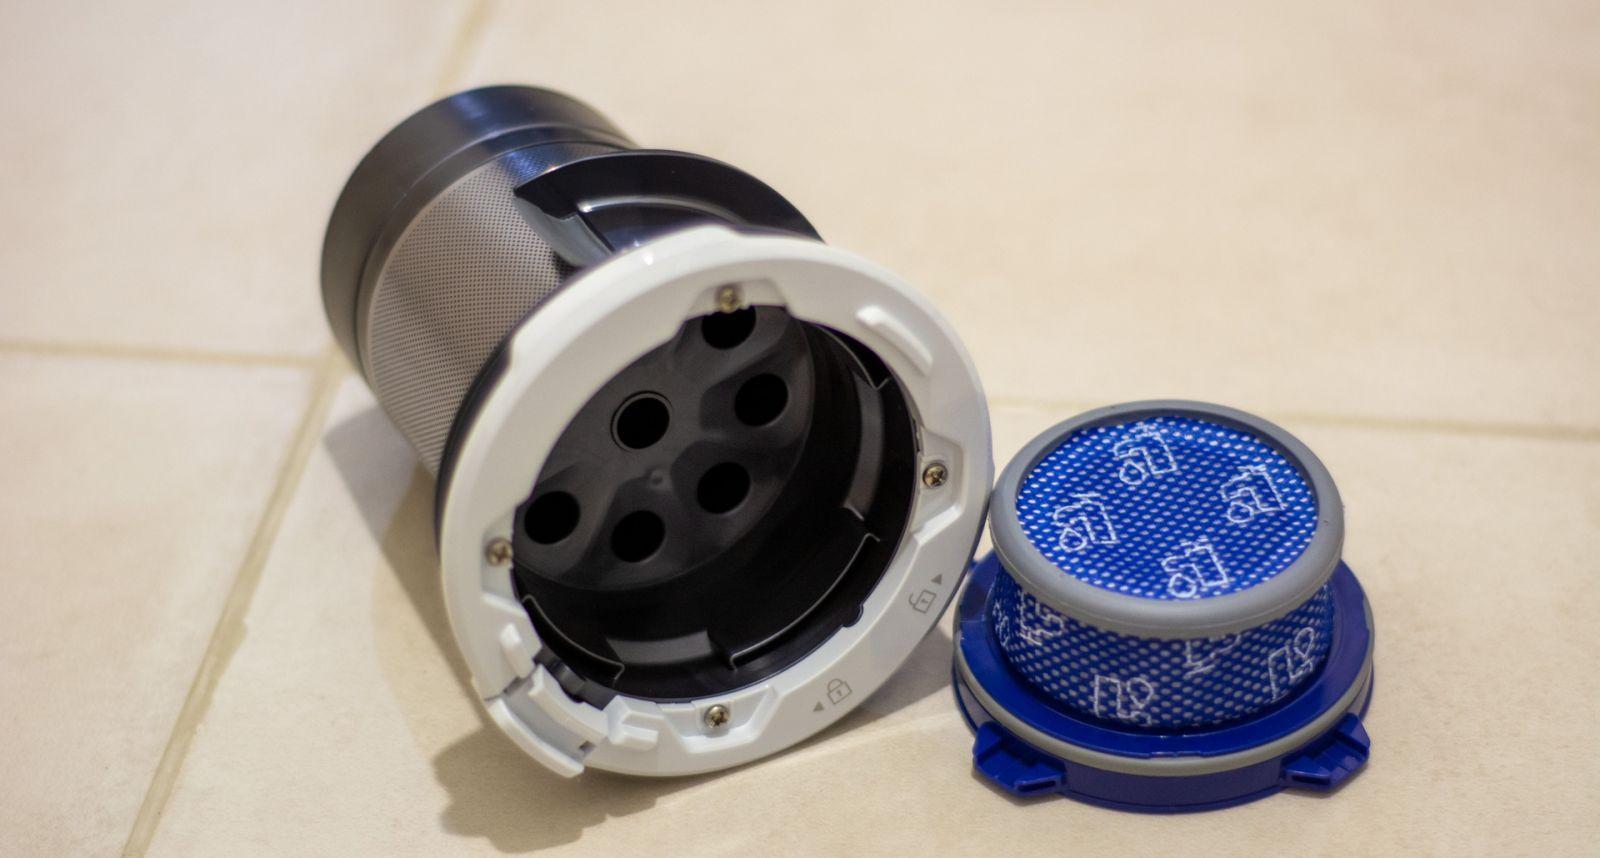 Обзор пылесоса Samsung Jet Light VS90E. Идеальная чистота (dsc 8259)